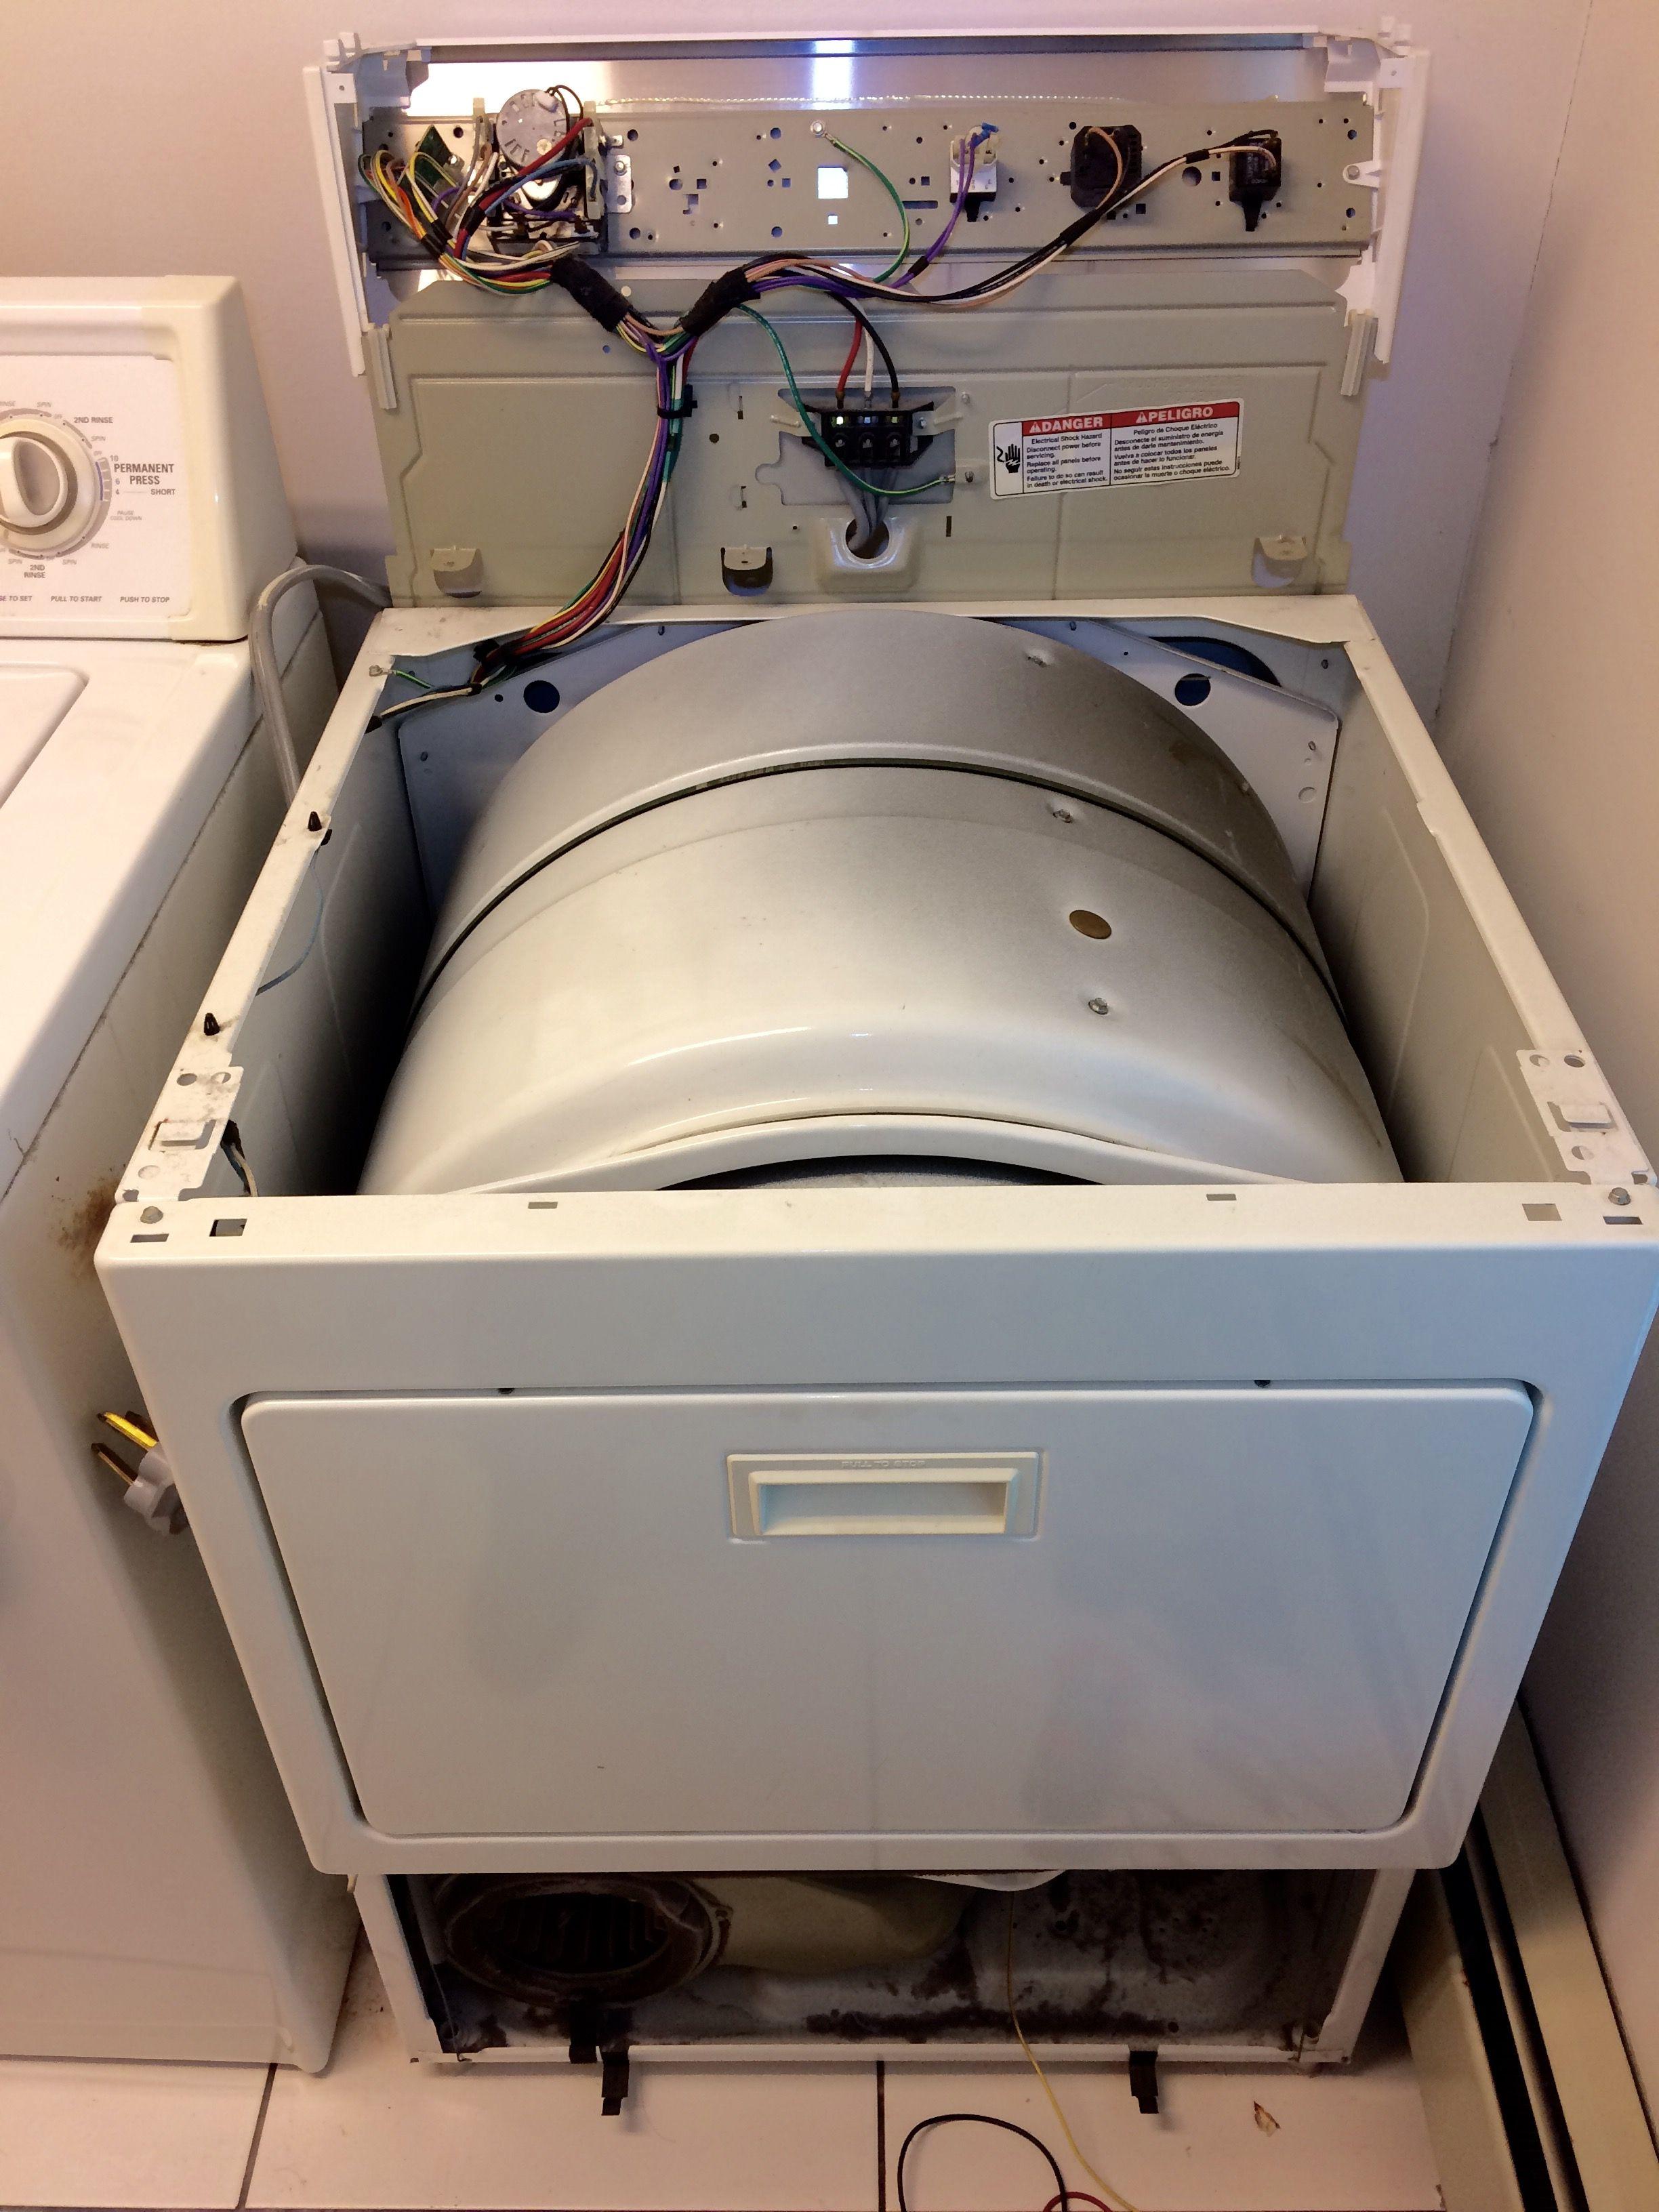 Kenmore Dryer Repair 110 67902791 Kenmore Dryer Repair Kenmore Dryer Repair Nyc Dryer Repair Washer Repair Appliance Repair